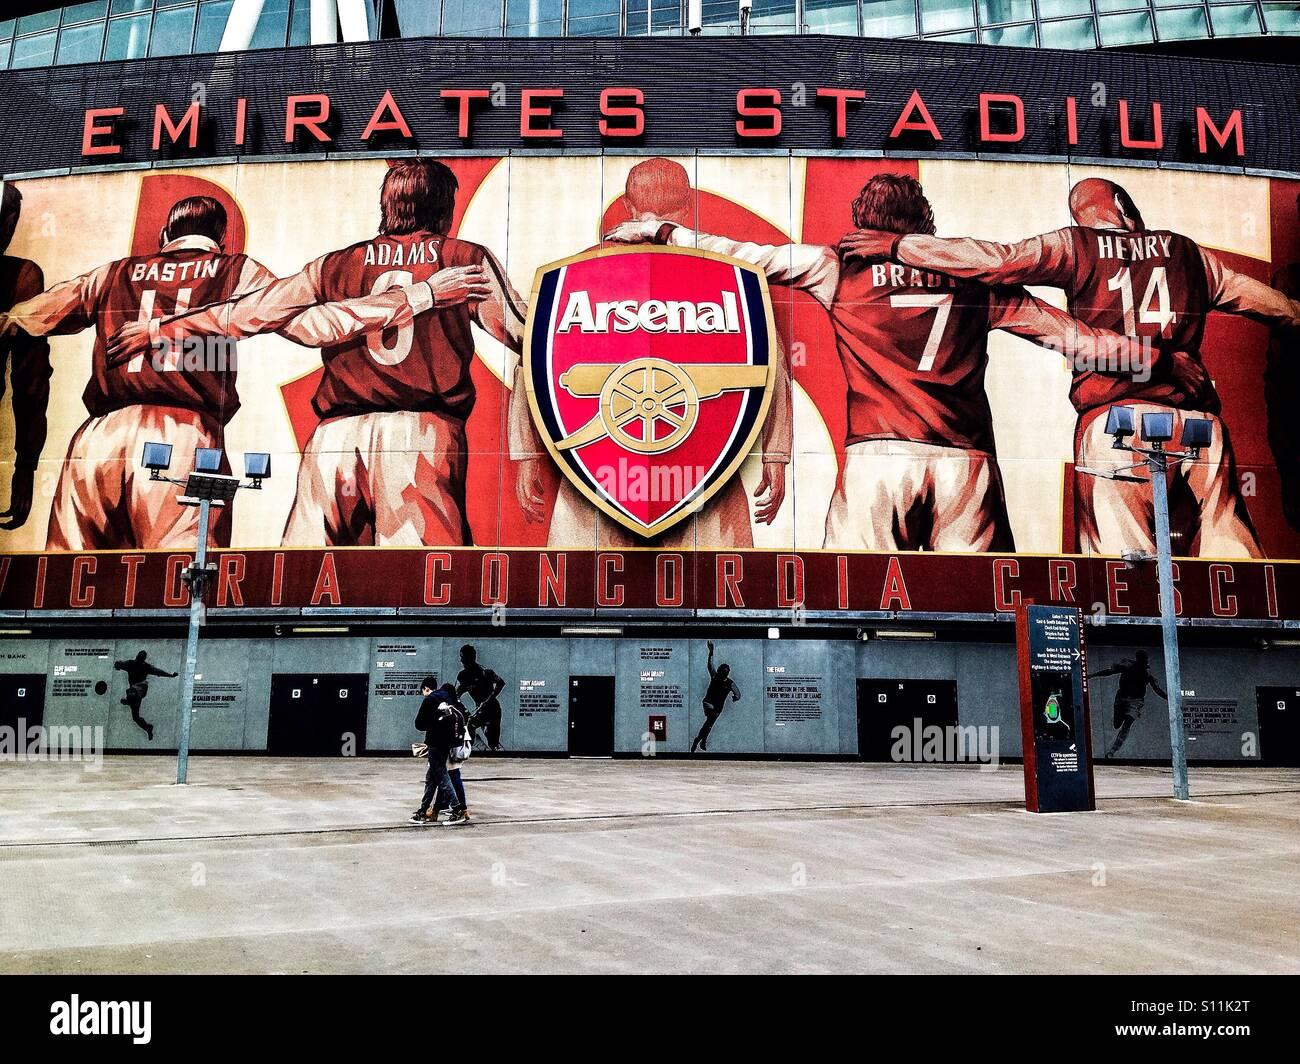 Arsenal's Emirates stadium, London - Stock Image